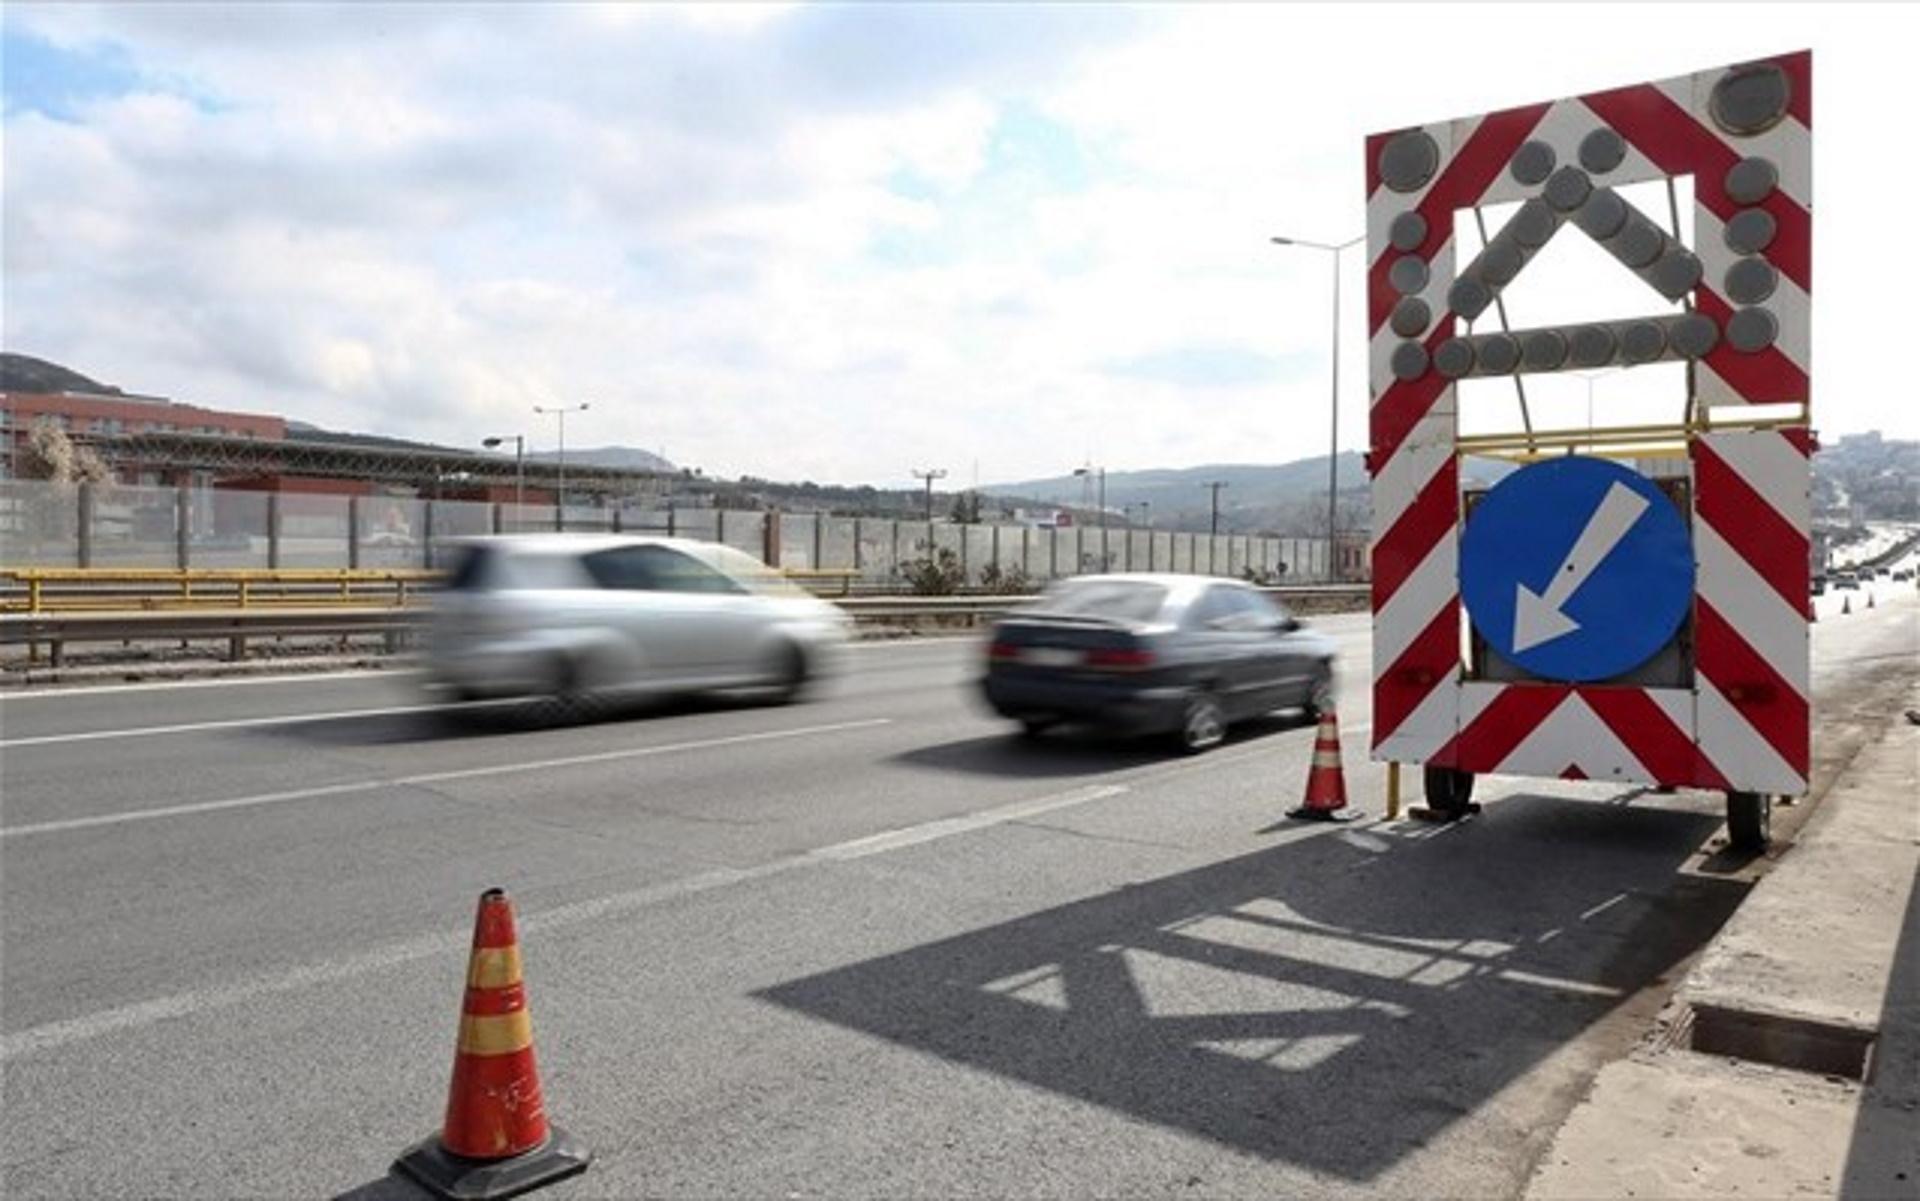 Νέα Οδός: Κυκλοφοριακές ρυθμίσεις σε Βαρυμπόμπη, Καπανδρίτι και Μαλακάσα